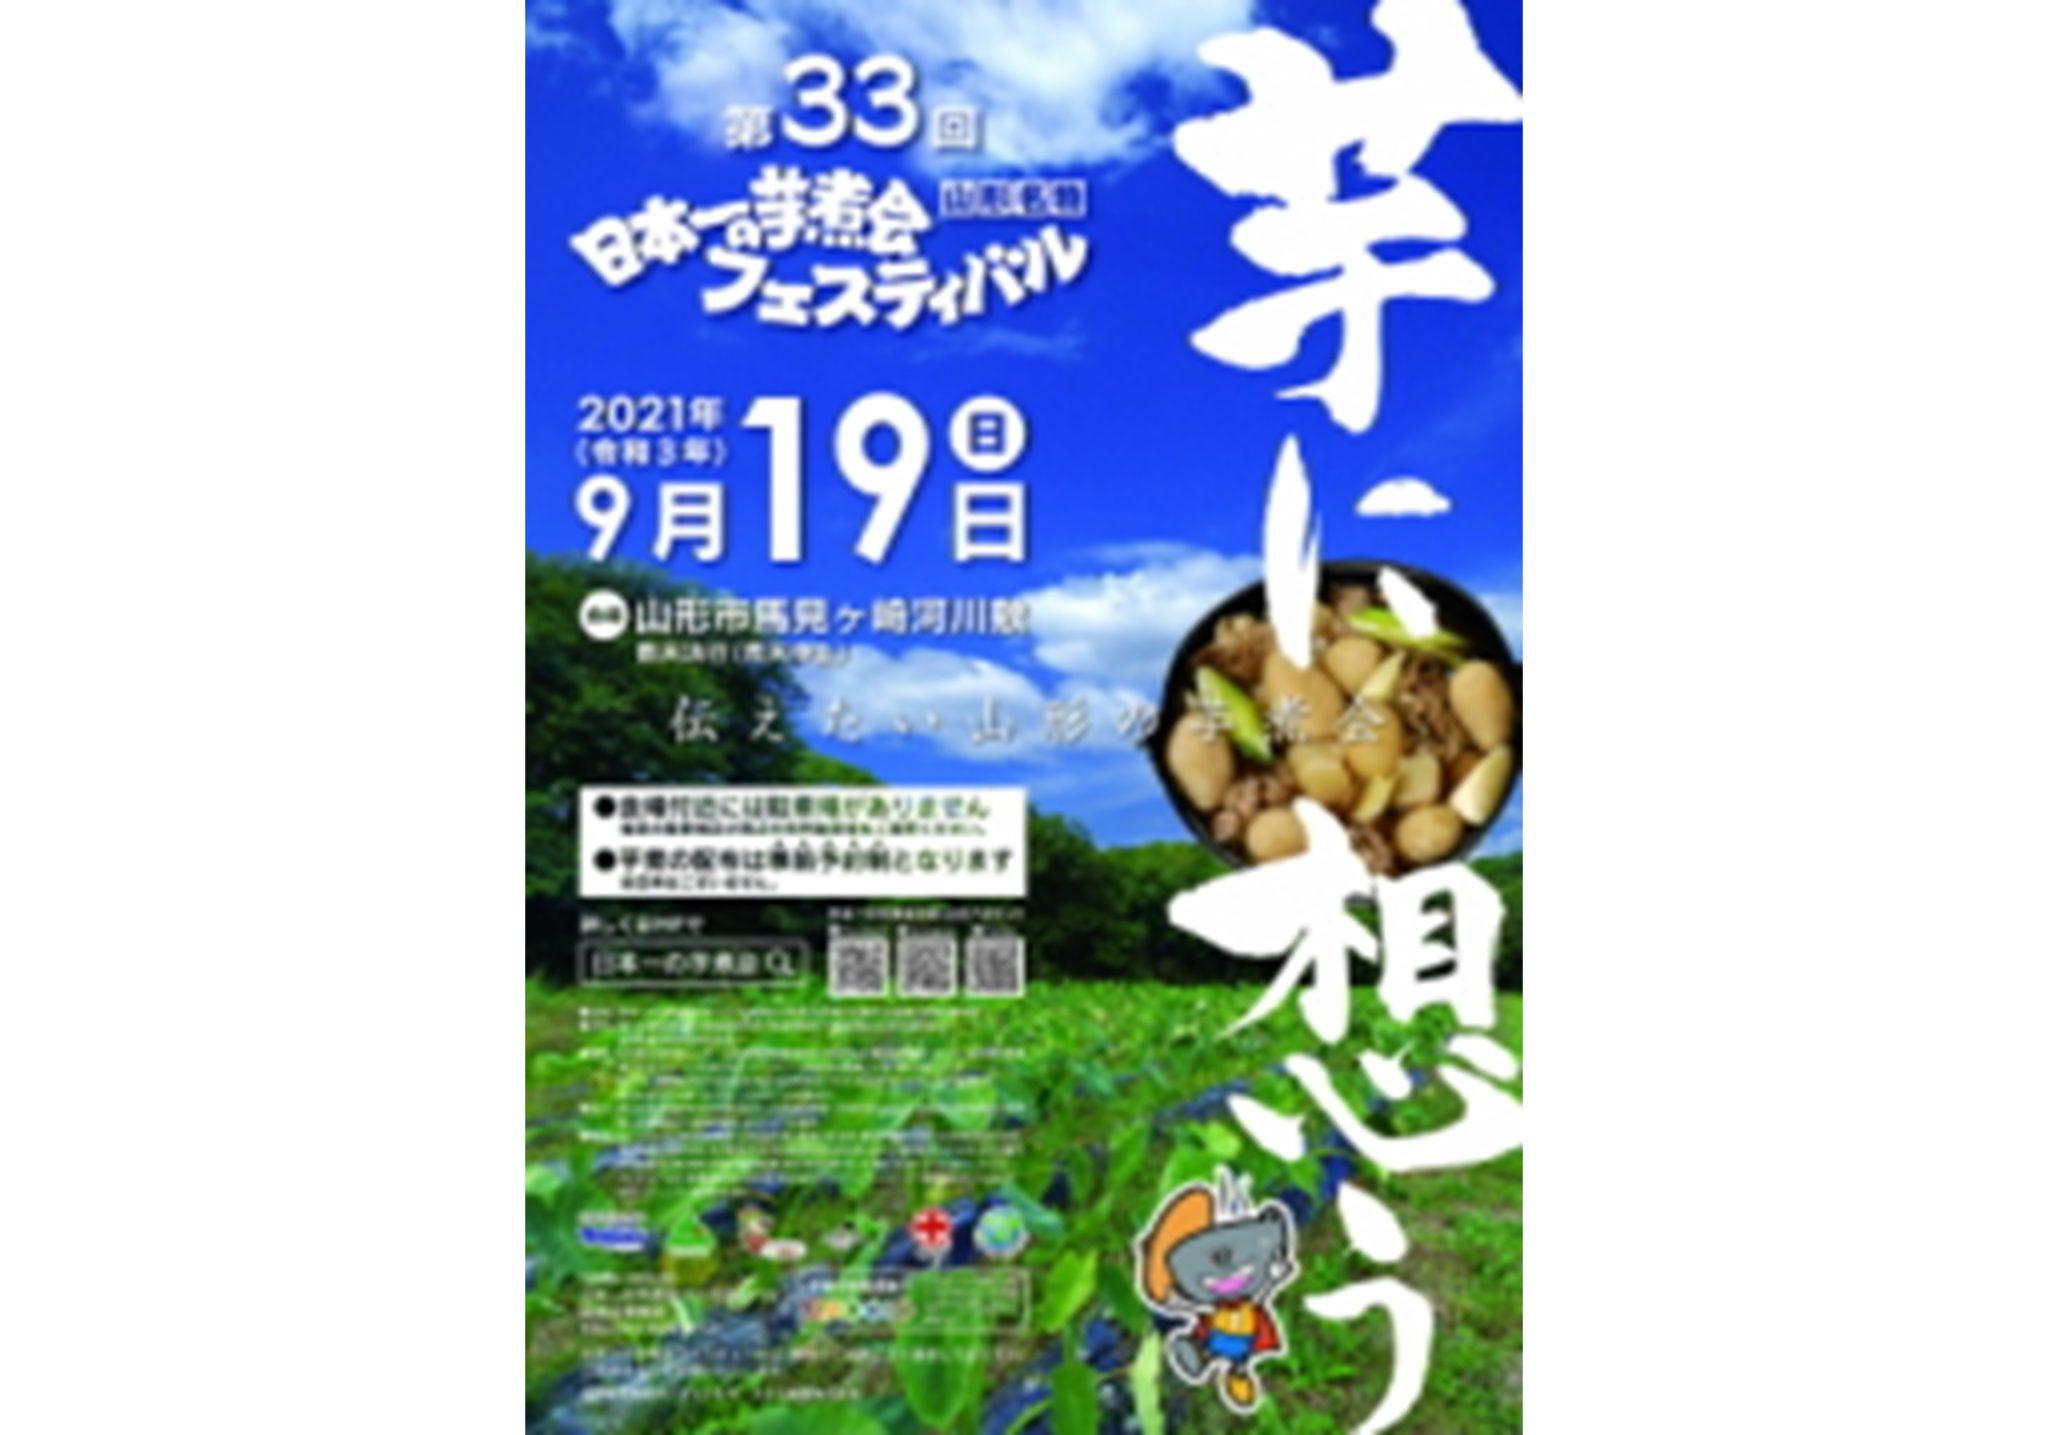 《中止》【事前申込制】第33回 日本一の芋煮会フェスティバル(東北6県、新潟県在住の方限定)